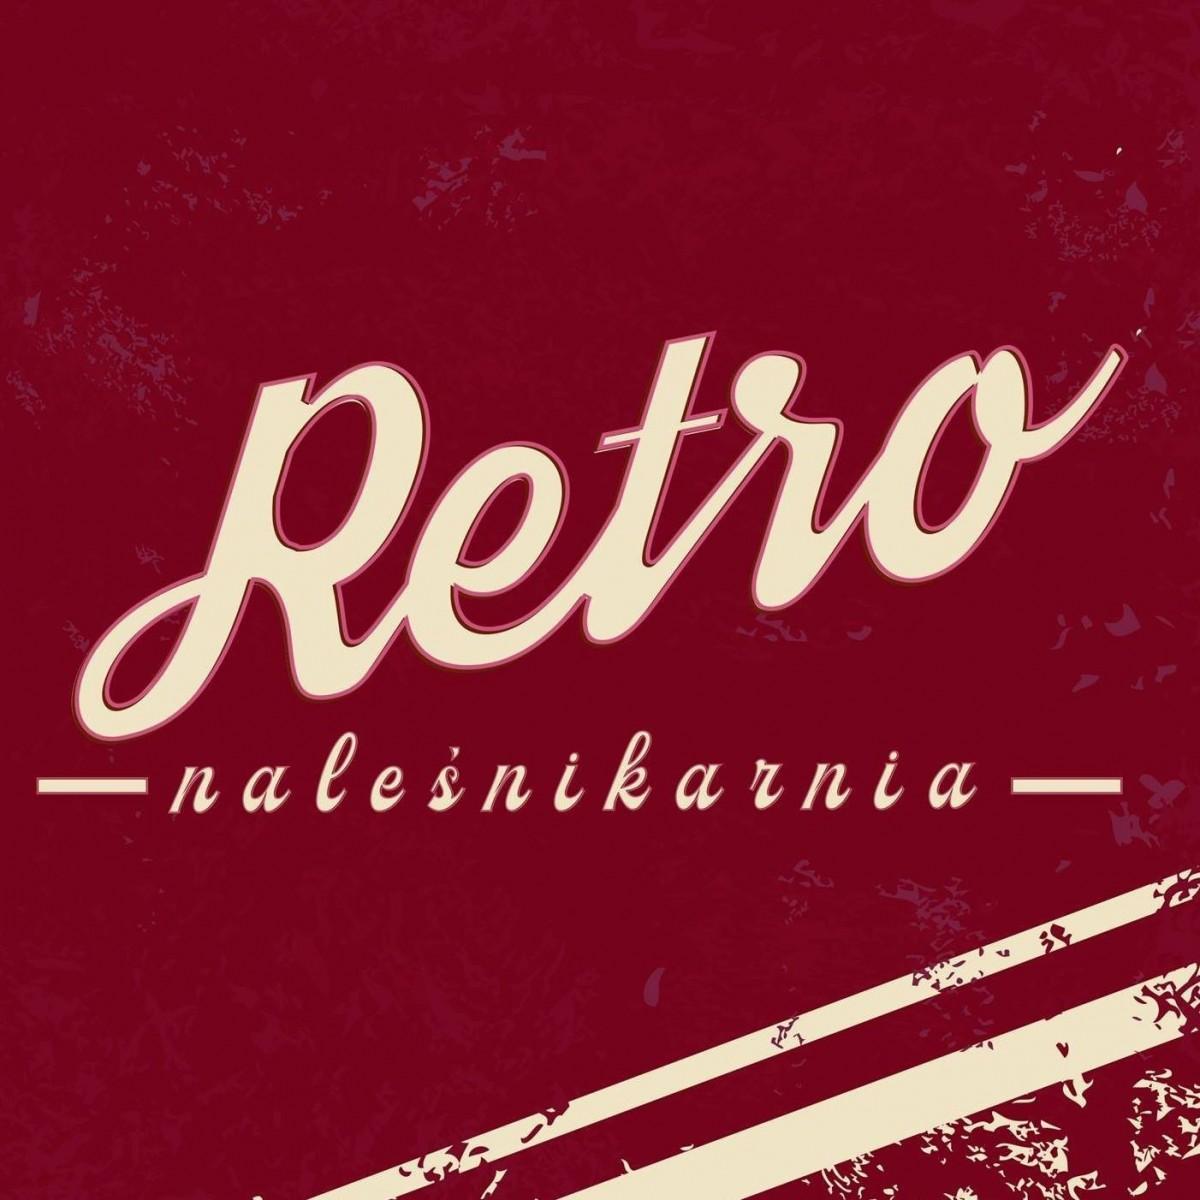 Retro Naleśnikarnia Bolesławiec - Rynek 26